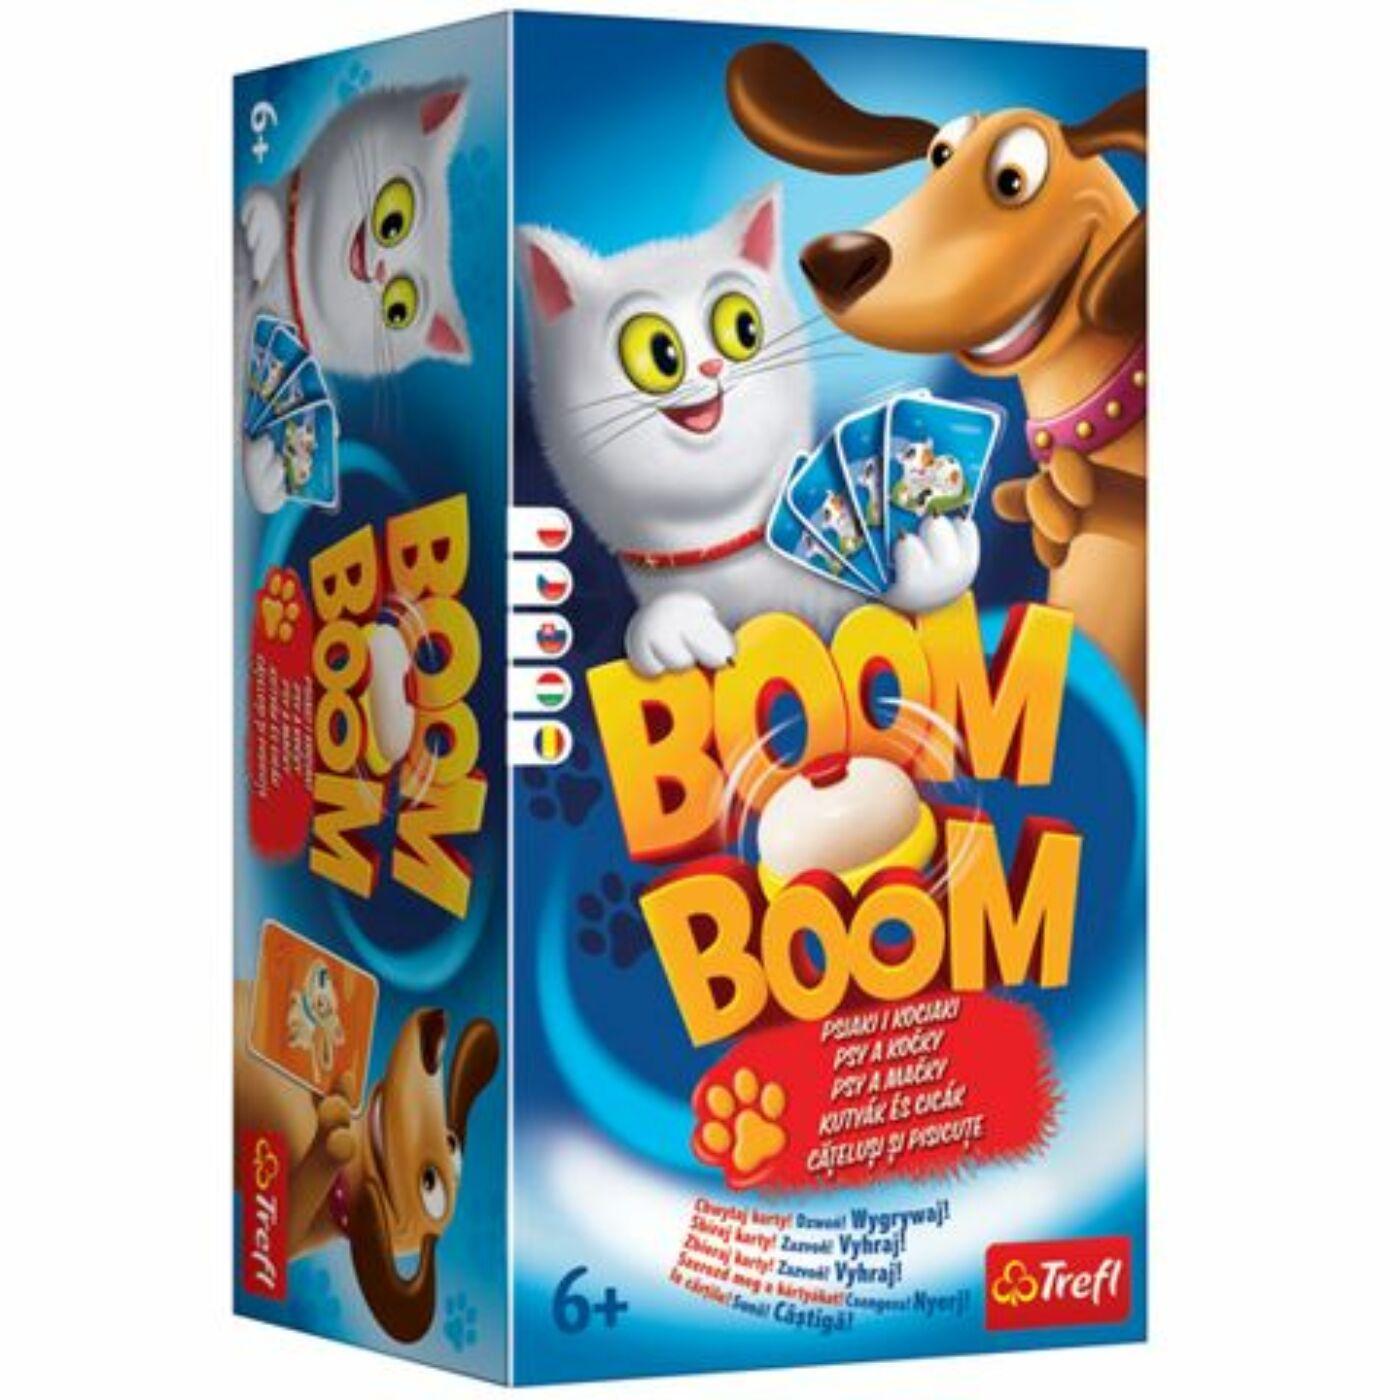 Boom Boom társasjáték - Cicák és kutyák